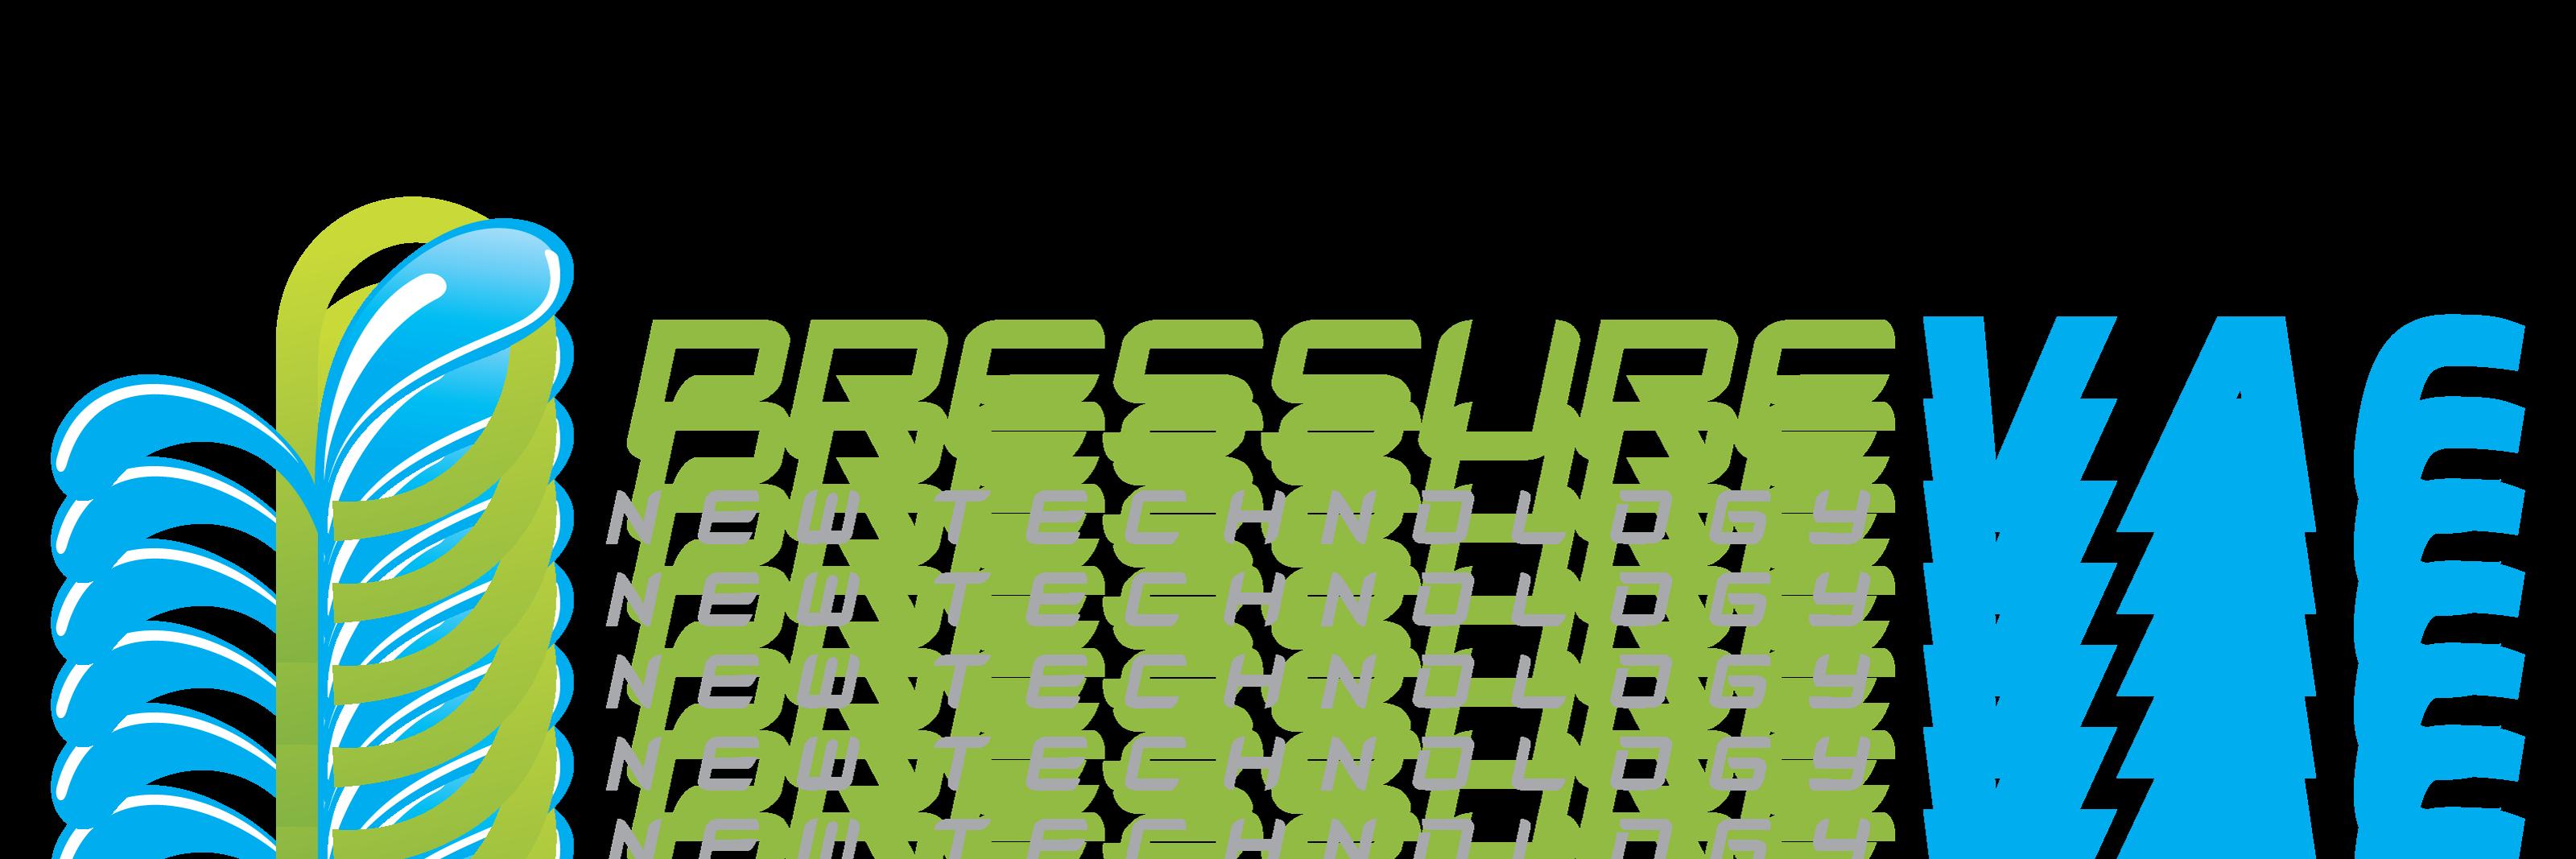 Pressure-Vac_Final_300